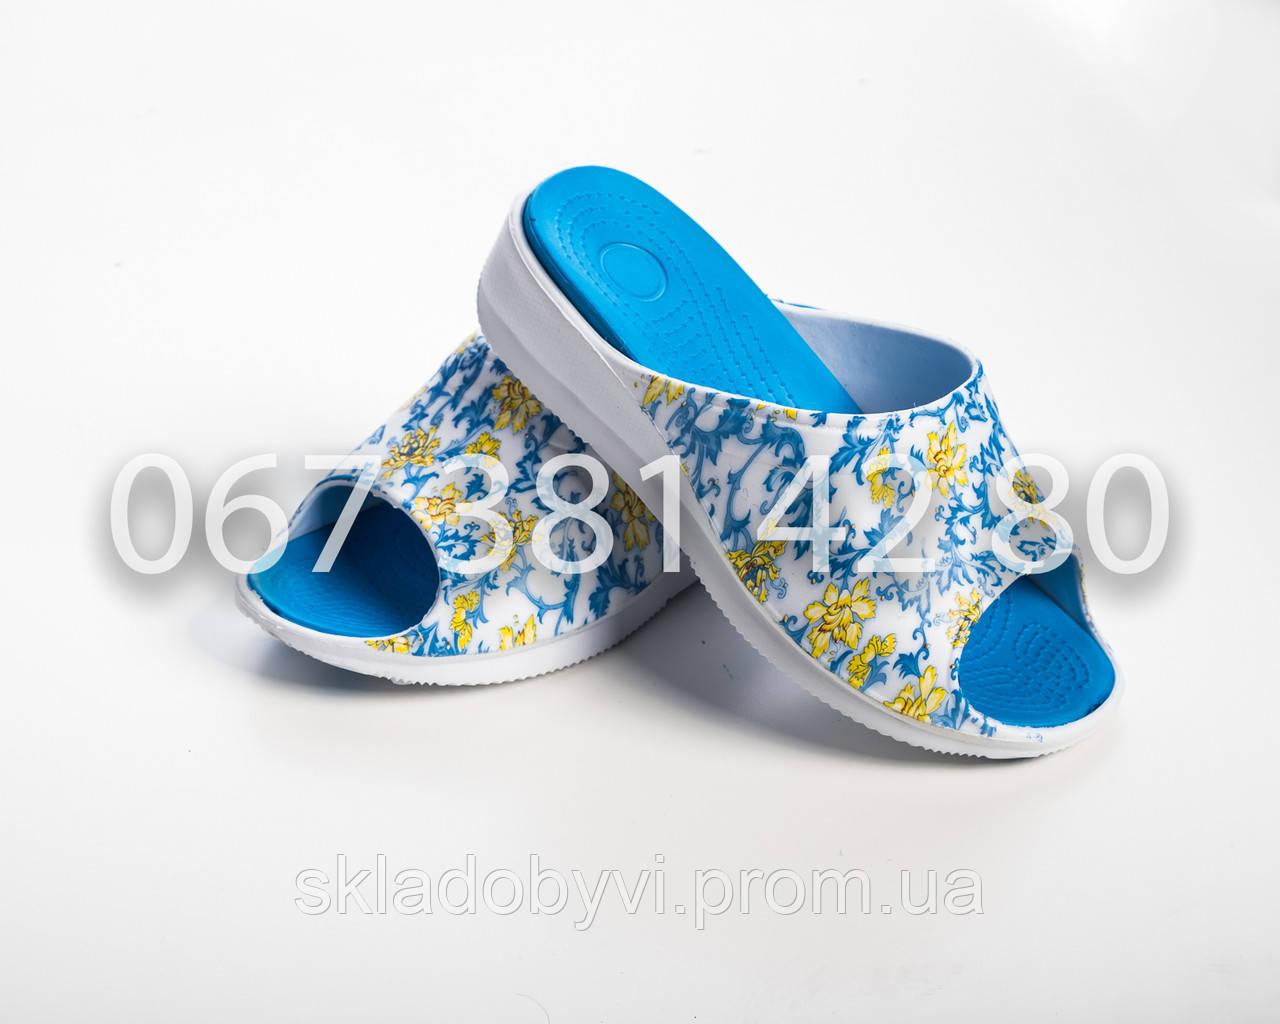 Шлепанцы летние женские оптом DG 14022 синий